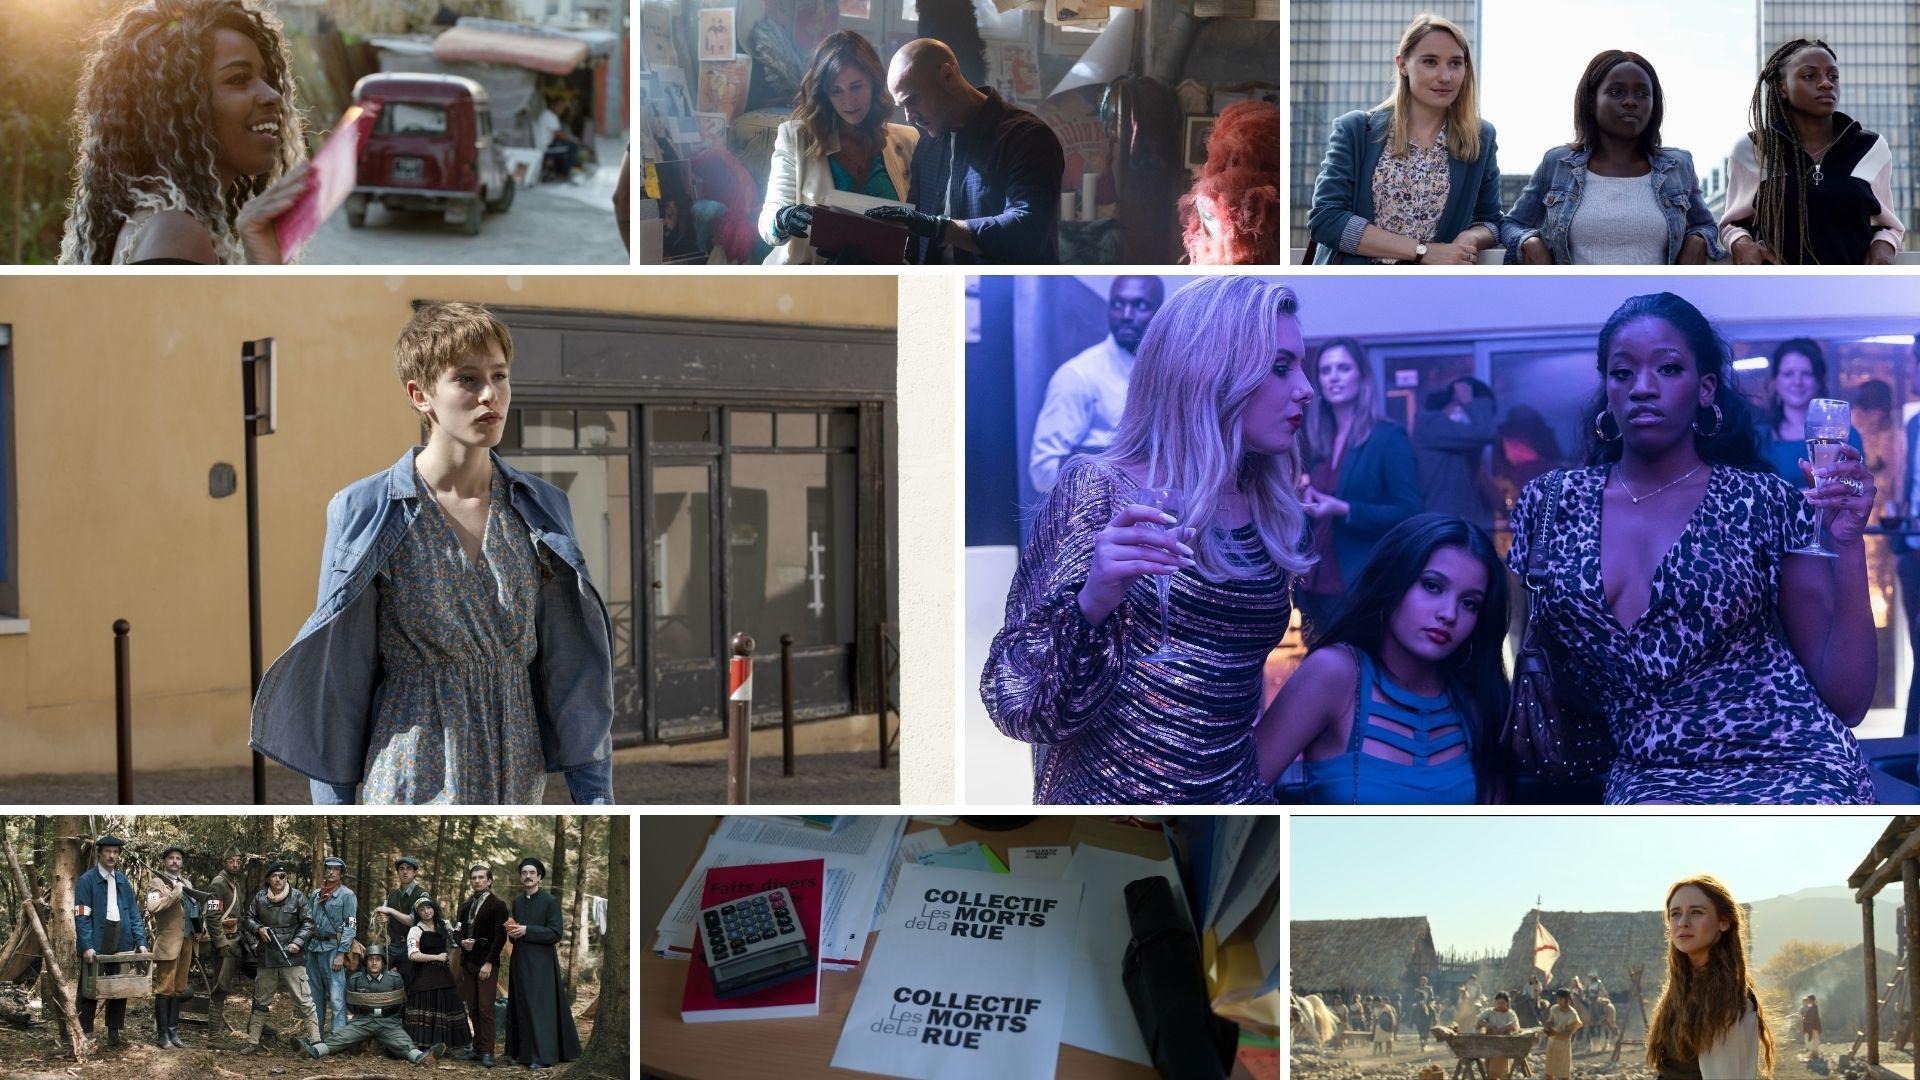 Festival de Luchon 2021 images palmarès téléfilms, série, documentaires, websérie